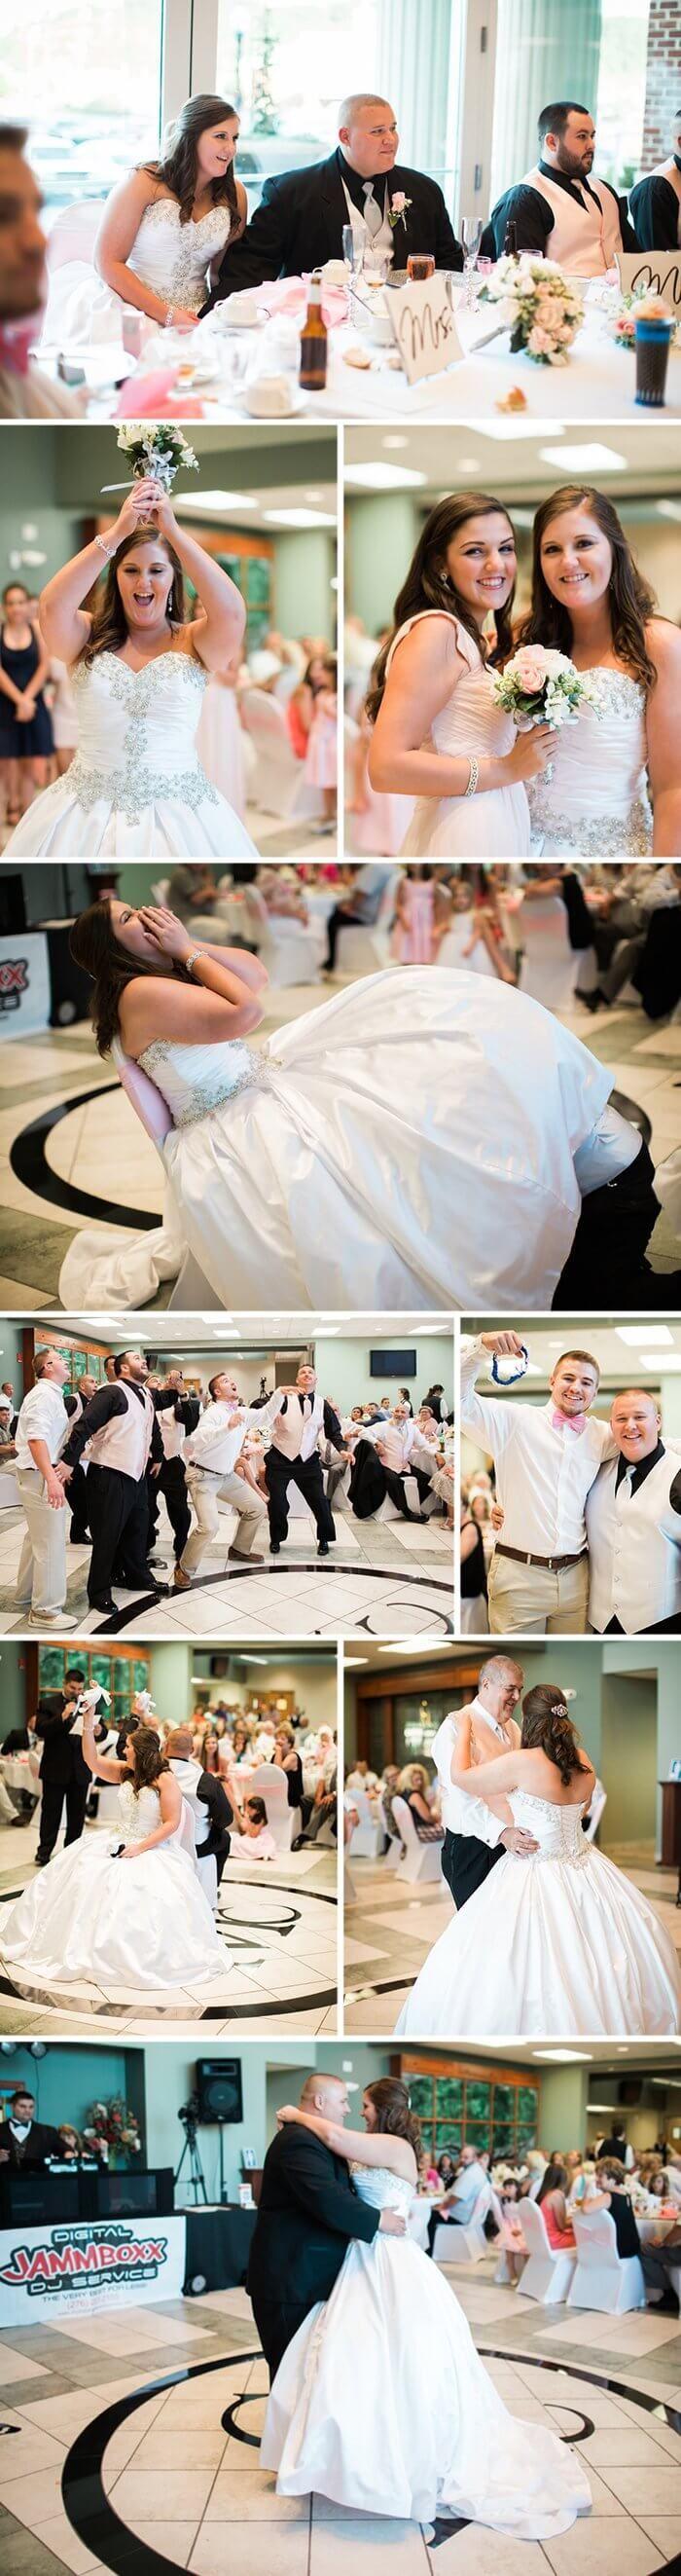 Vom Brautstrauß-Werfen über die Strumpfband-Versteigerung bis zum Vater-Tochter-Tanz jeder Brauch bei der Hochzeitsfeier wurde im Prinzessin Hochzeitskleid zelebriert. I © Jasmine White Photography